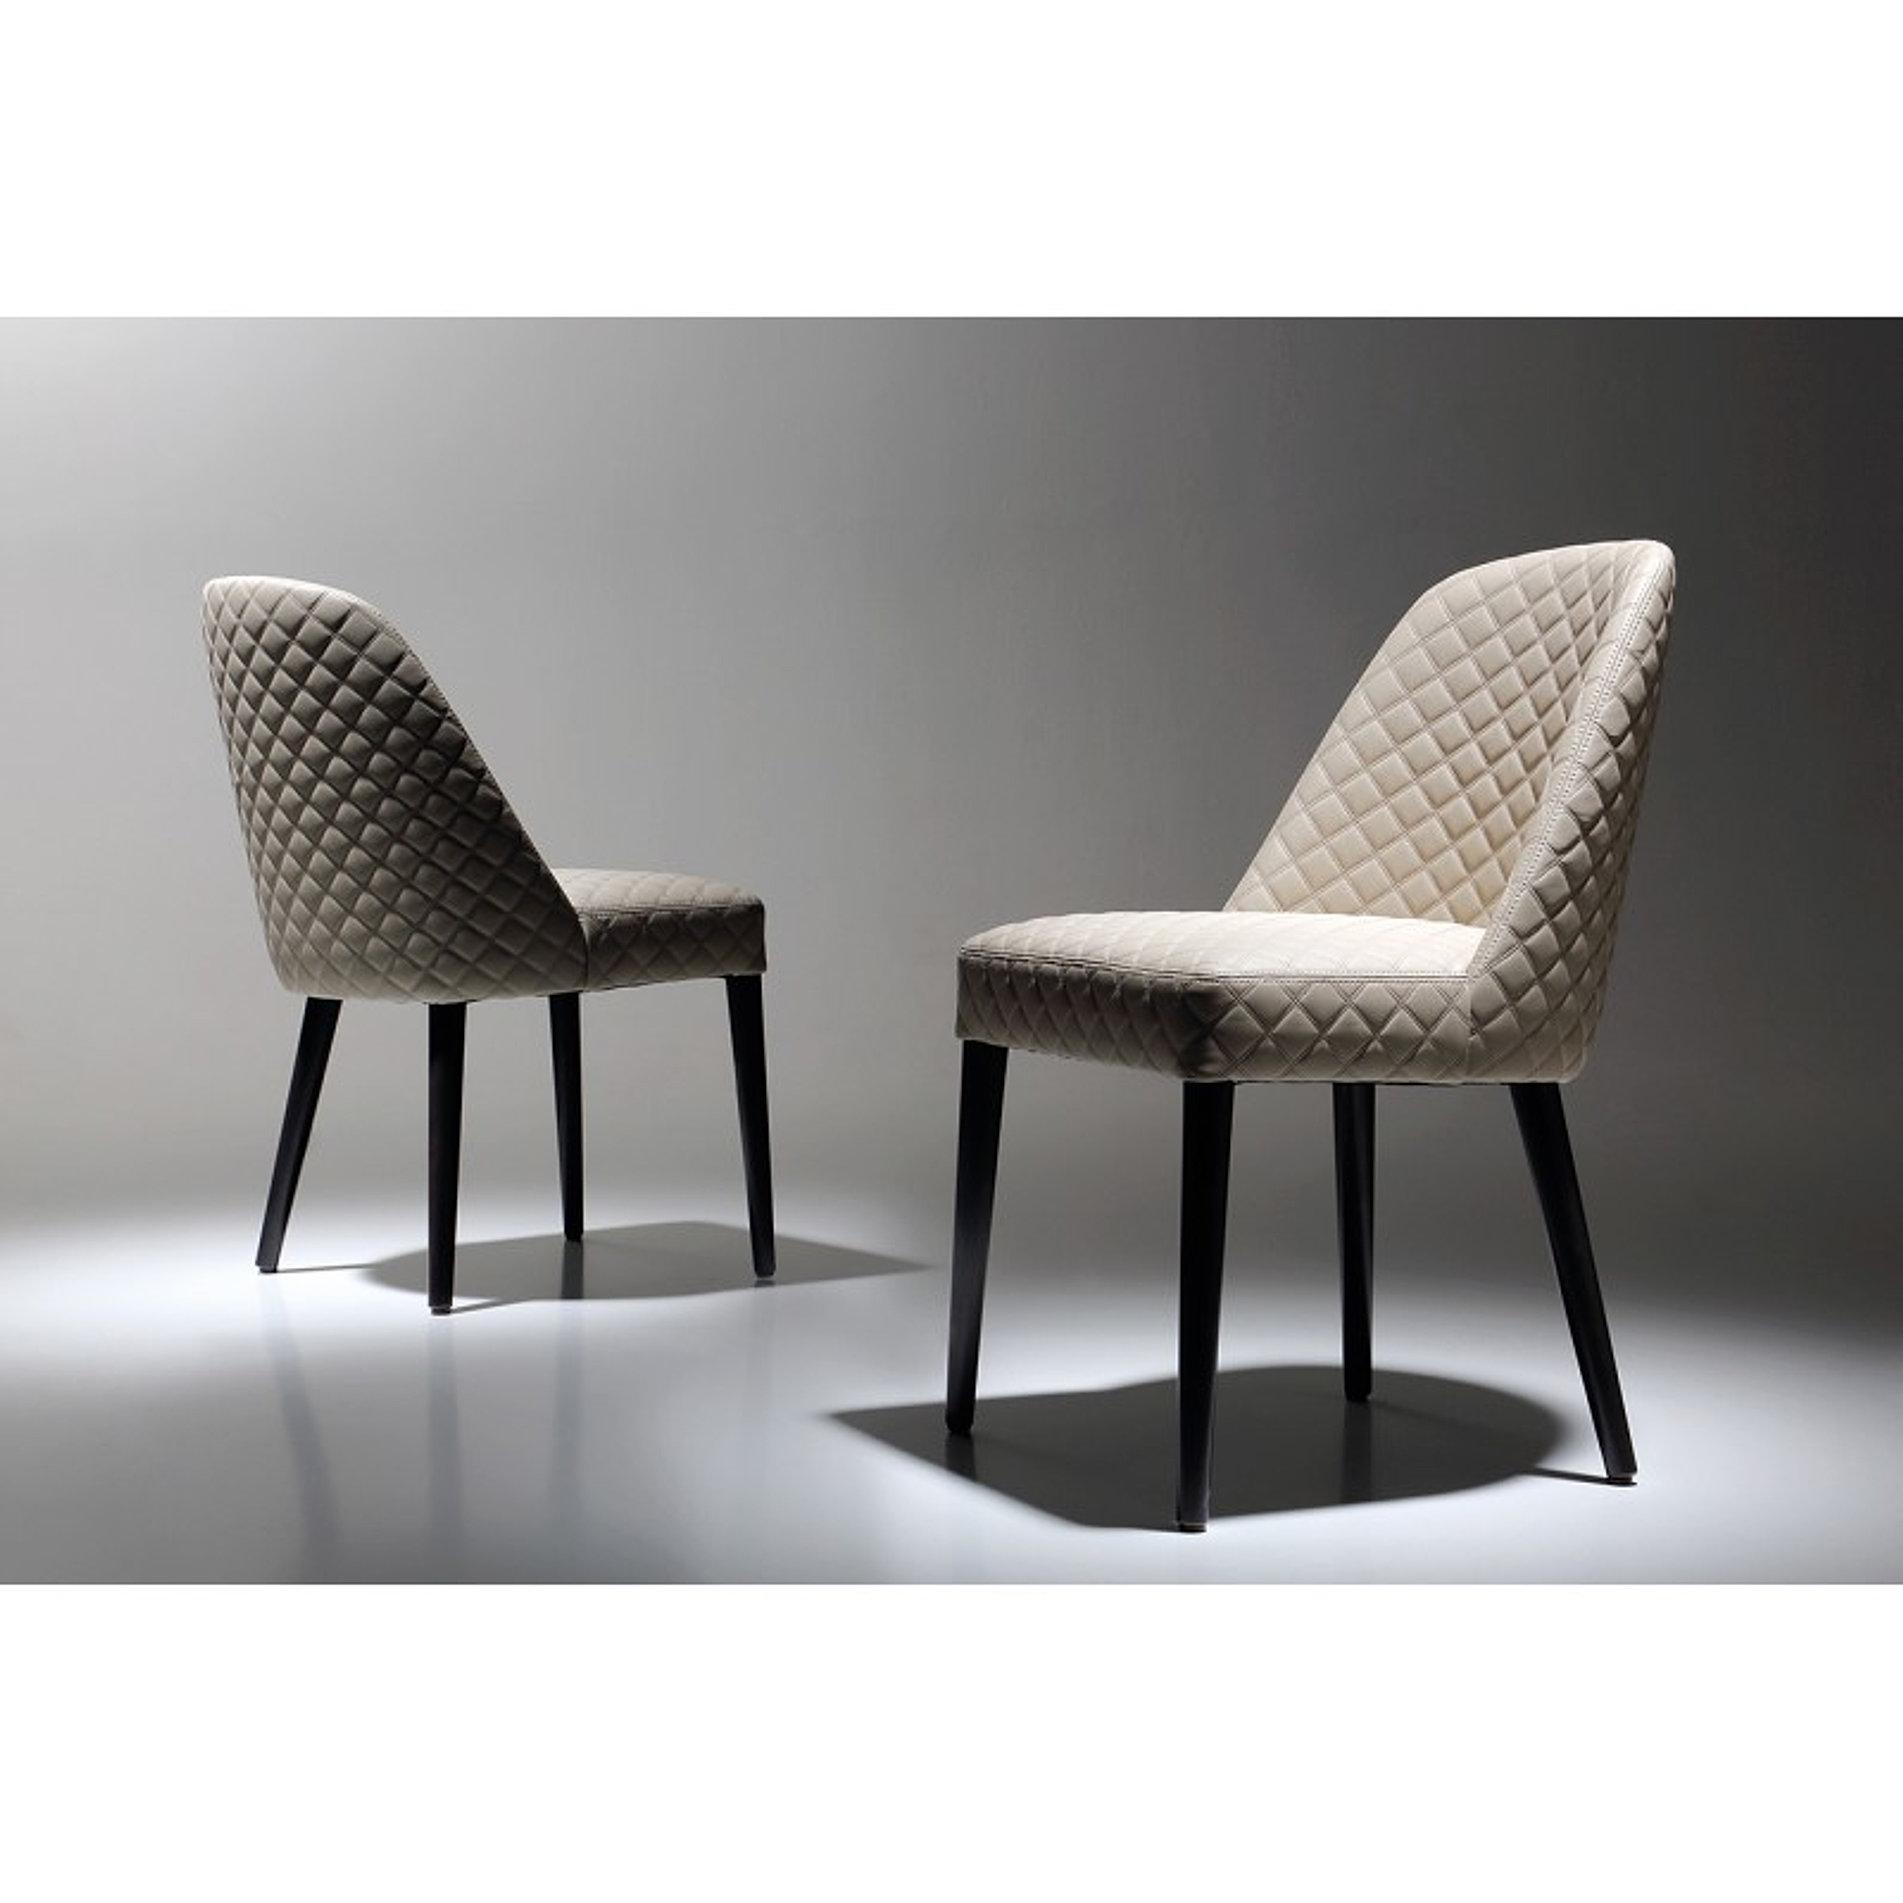 Muebles monen tienda de muebles en madrid sillas for Sillas contemporaneas